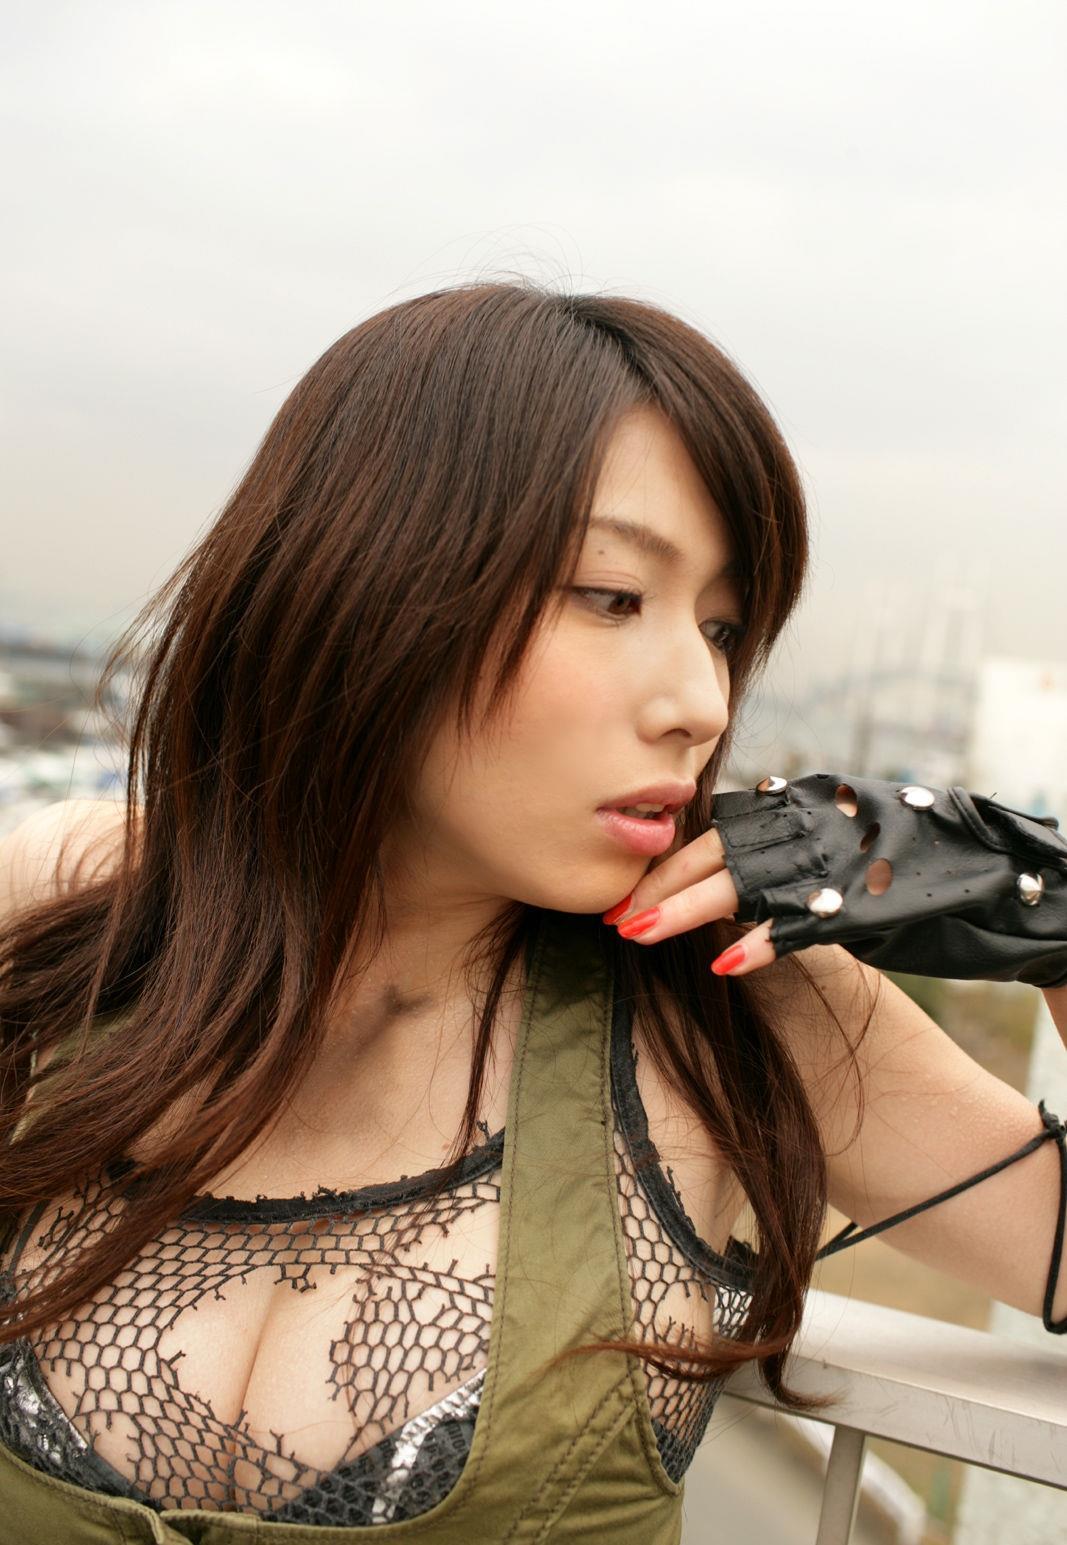 小林恵美 画像 42